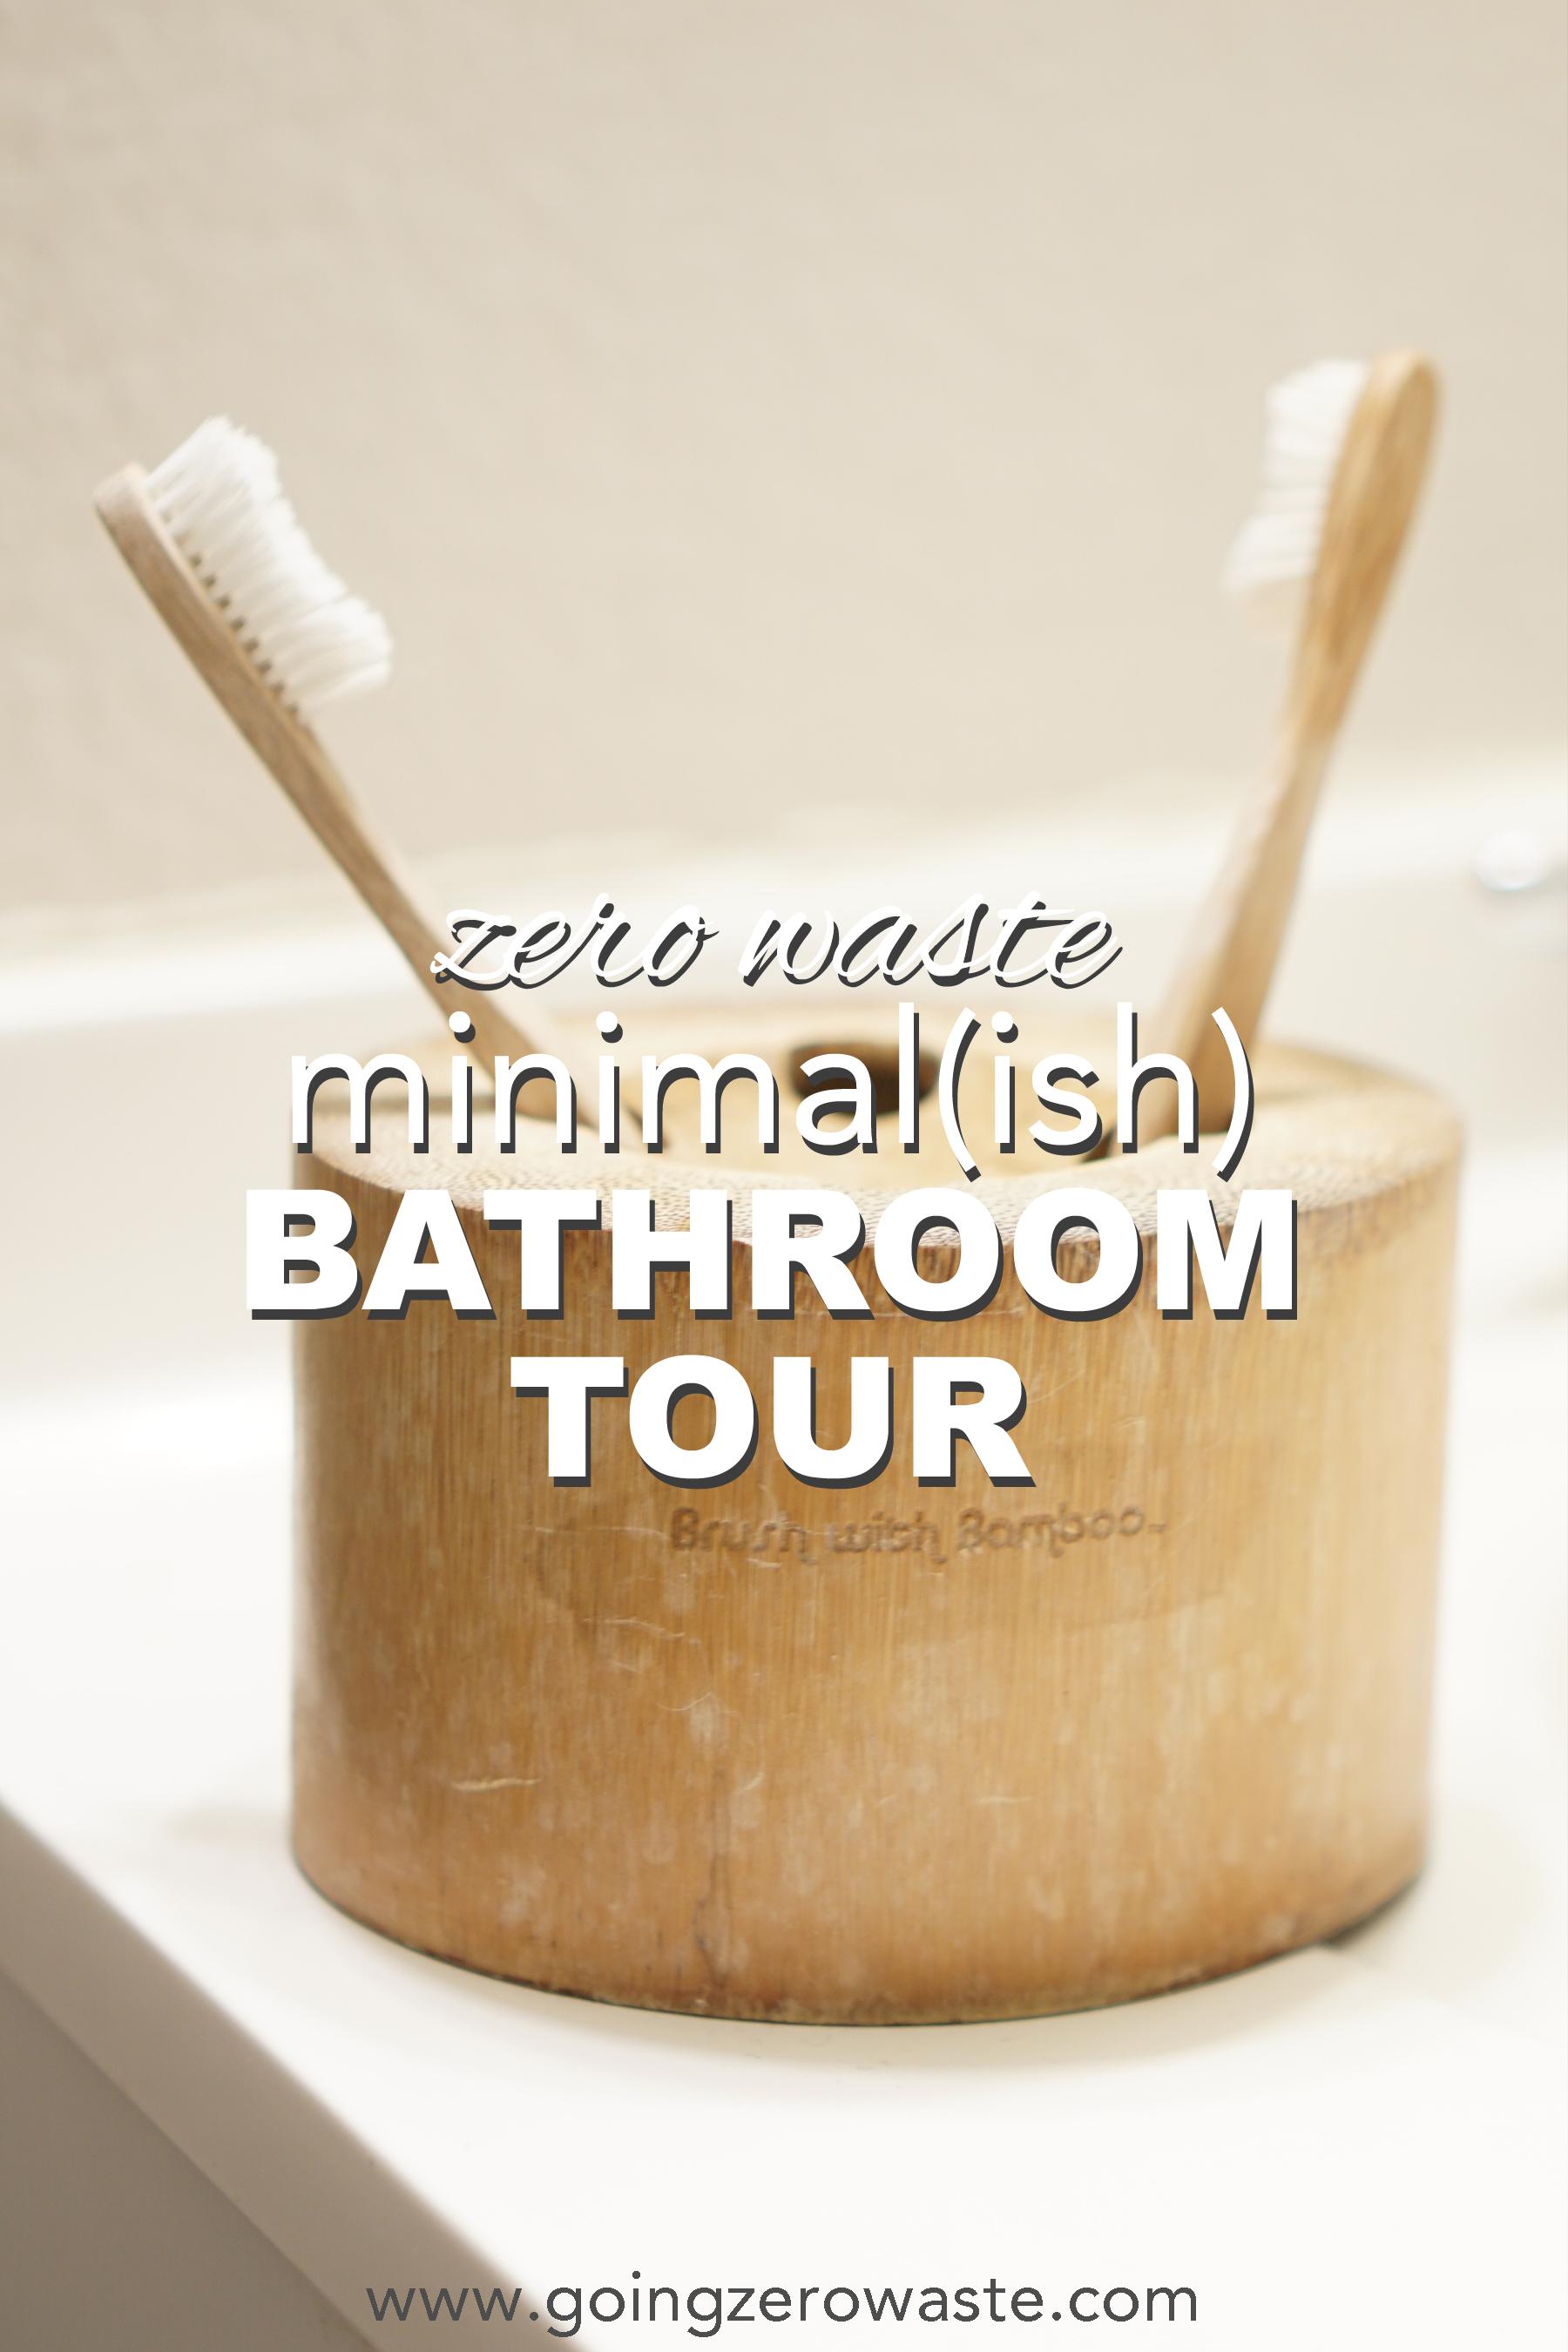 My minimal, zero waste bathroom tour from www.goingzerowaste.com